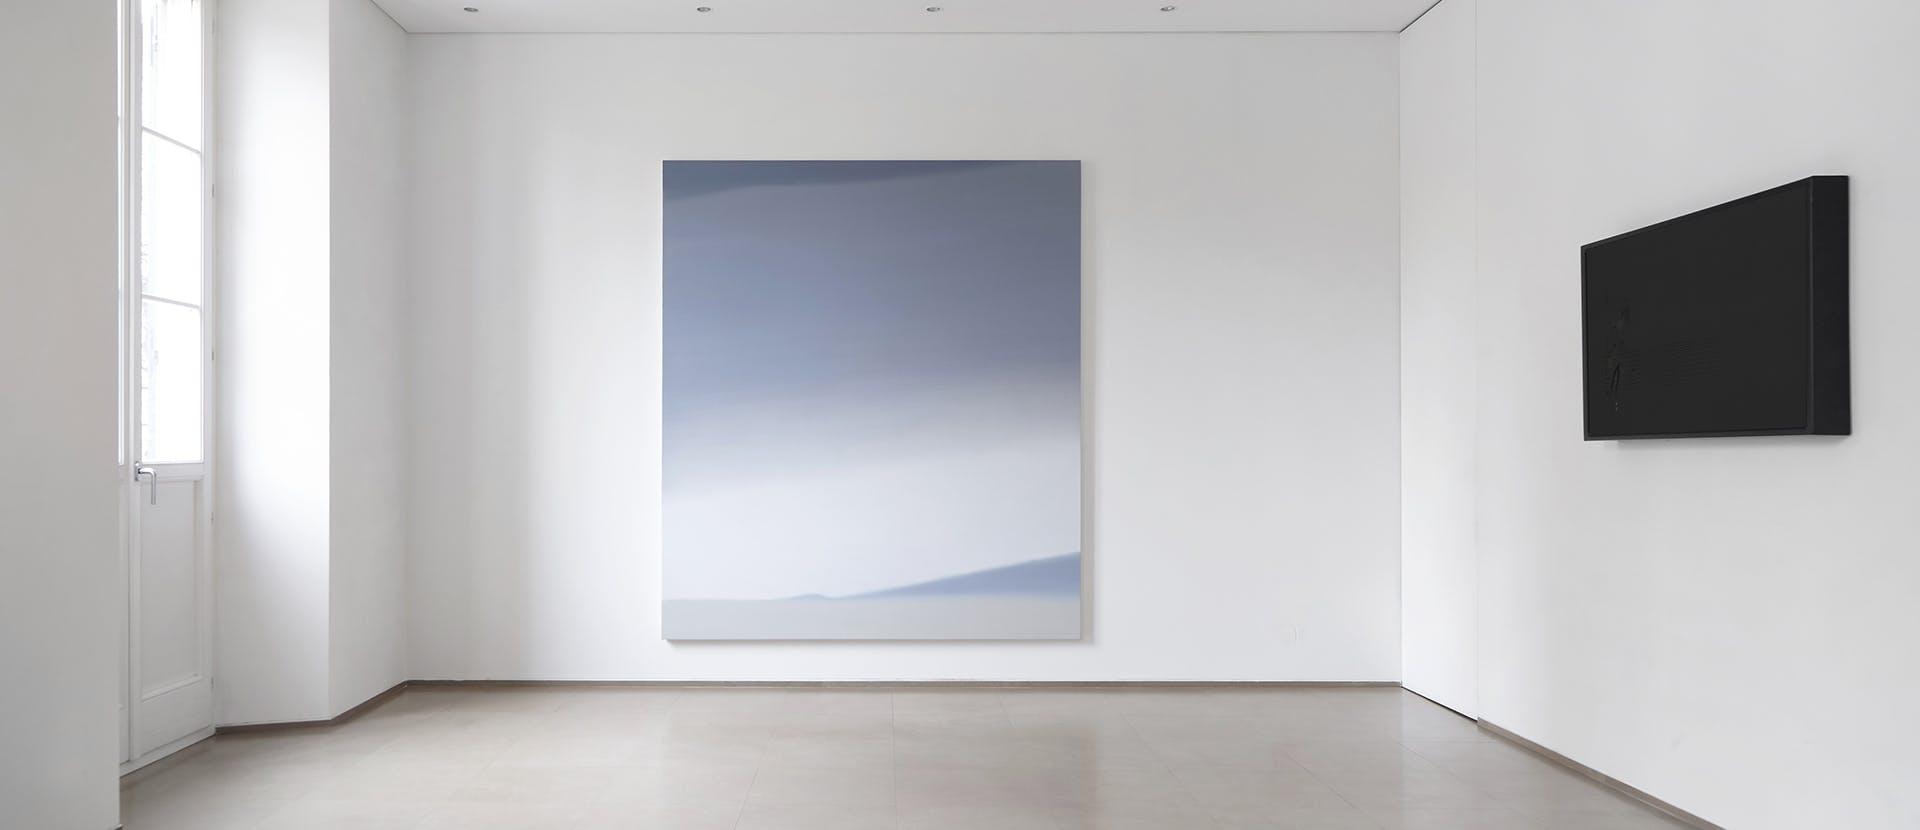 RITA URSO artopiagallery presenta la mostra UNDER OVER THROUGH,